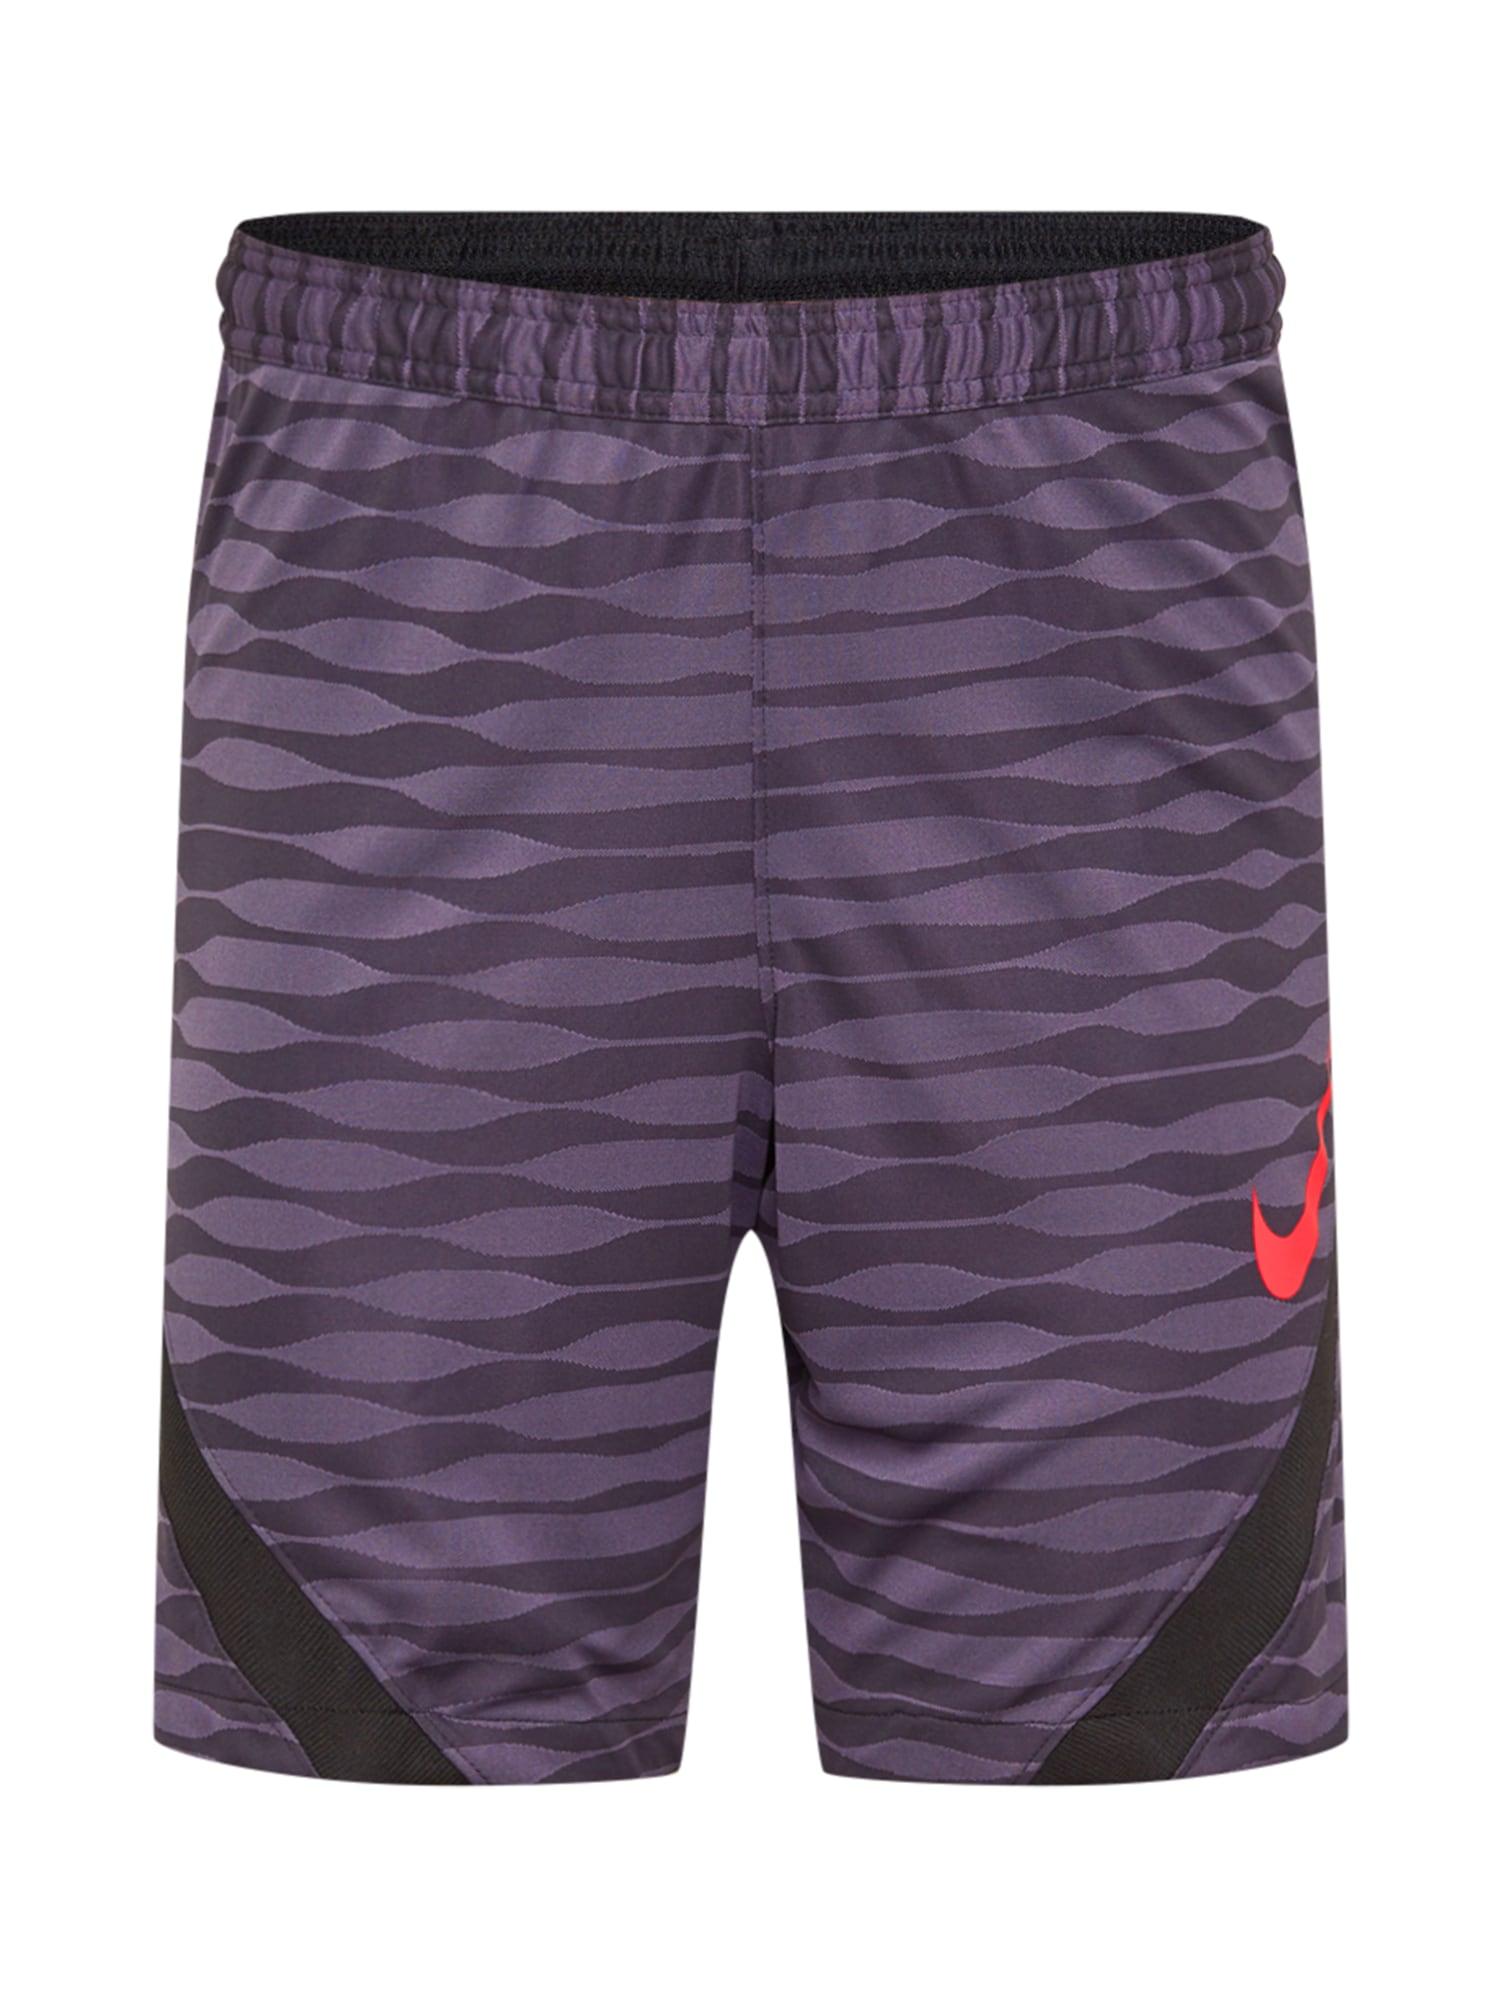 NIKE Sportinės kelnės juoda / raudona / baklažano spalva